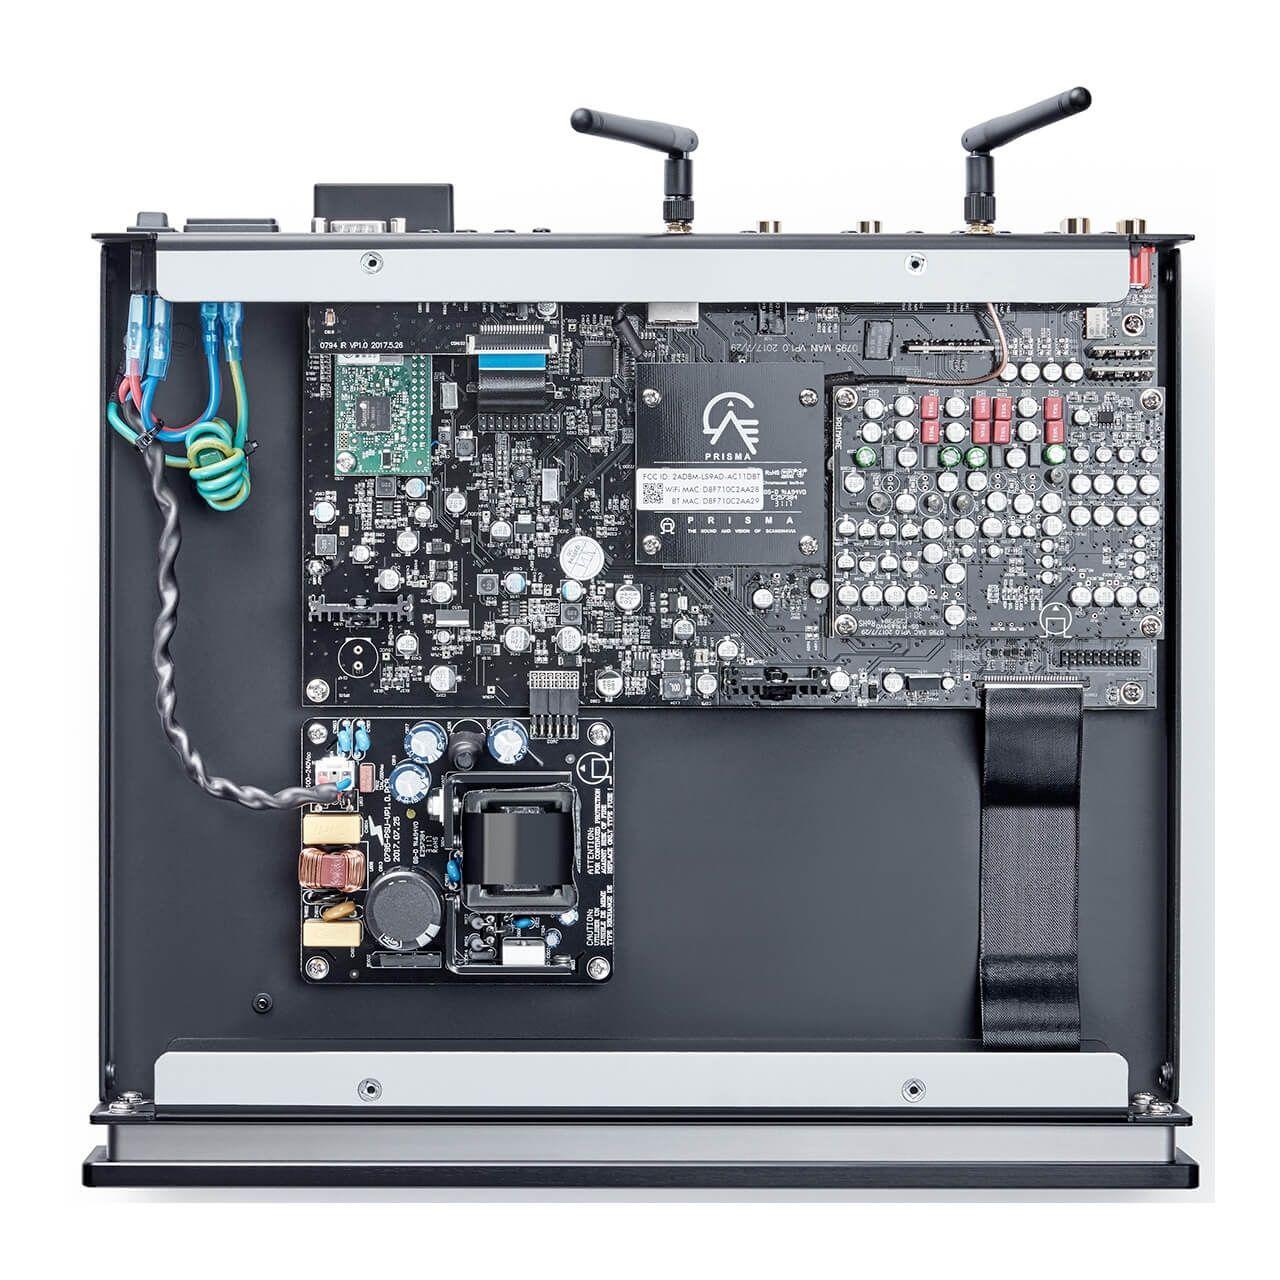 Network Player & DAC SC15 Prisma Primare